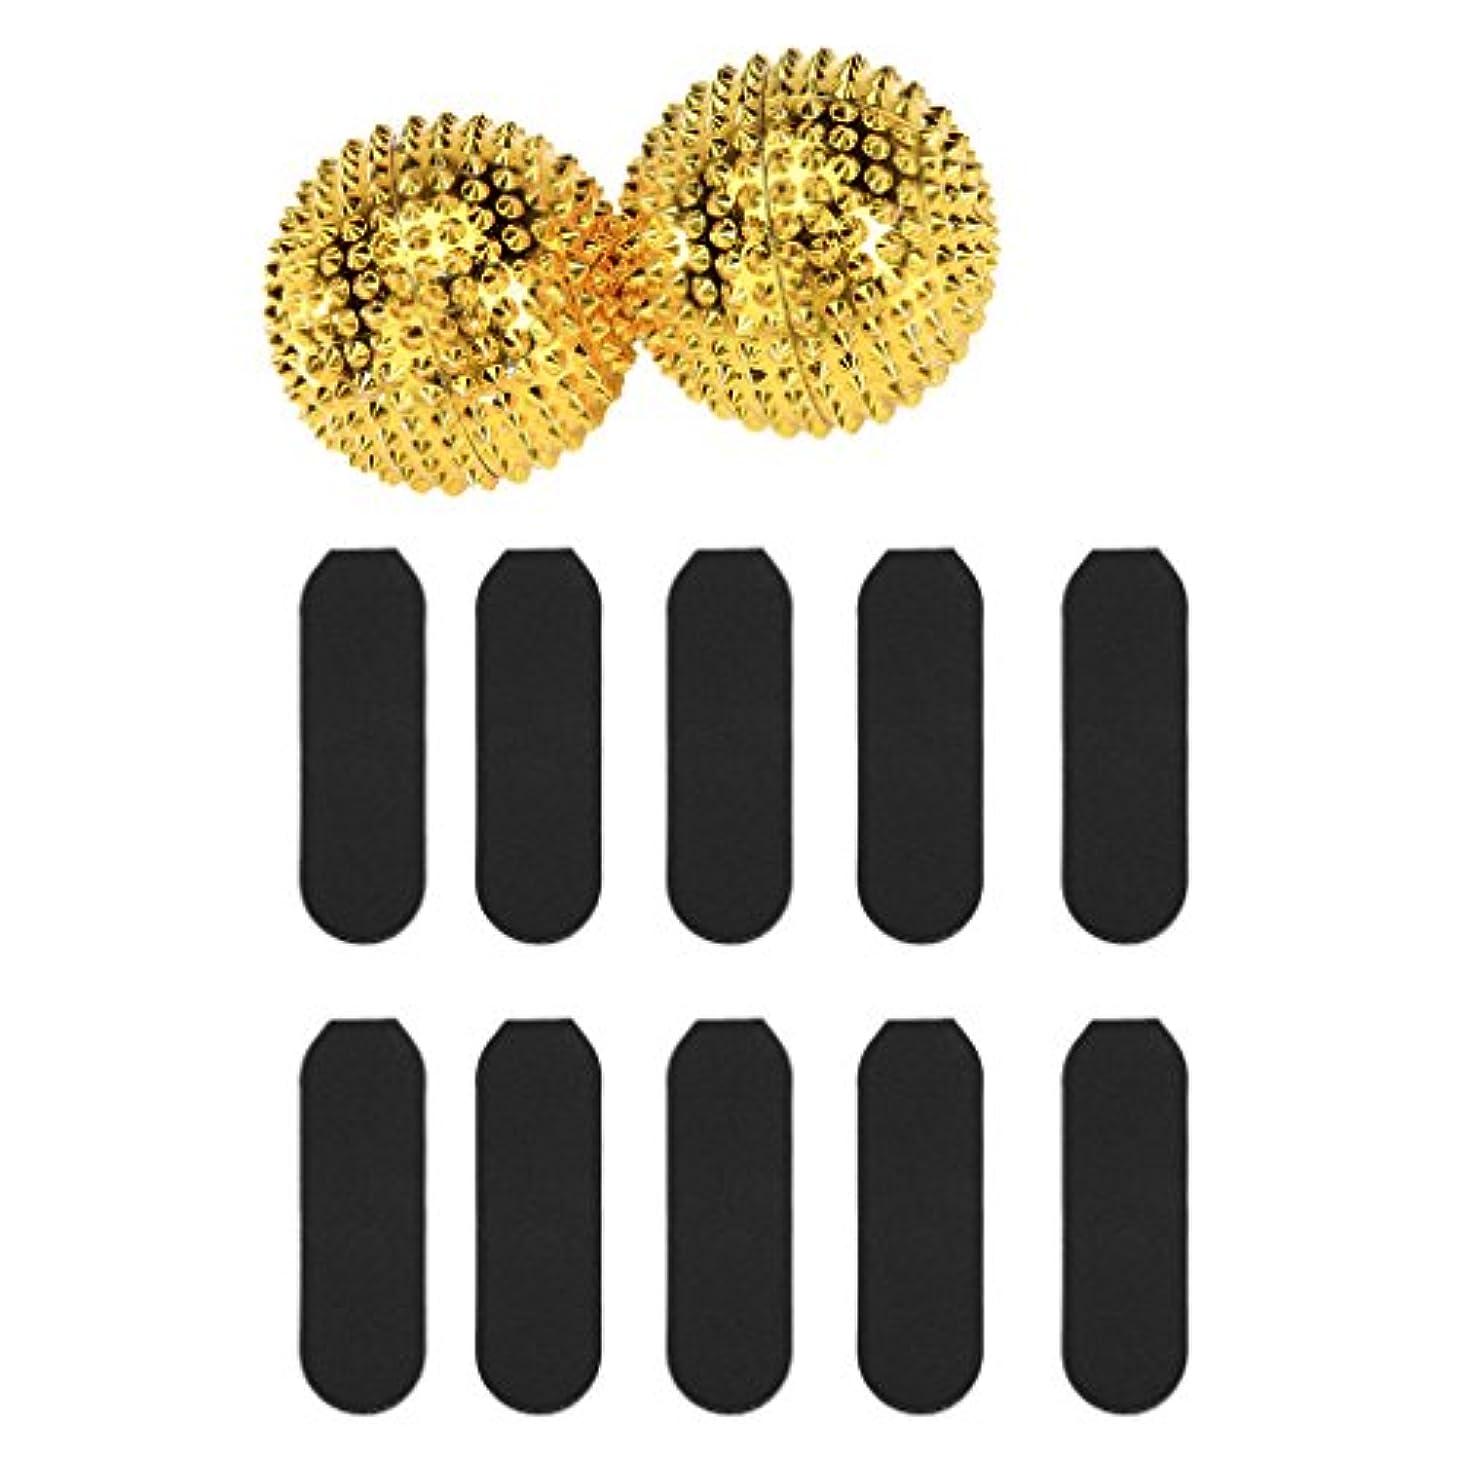 寛解ダルセットキリマンジャロマッサージ用 刺激 ボール + 10枚 サンドペーパー デッド スキン カルス リムーバー ツール